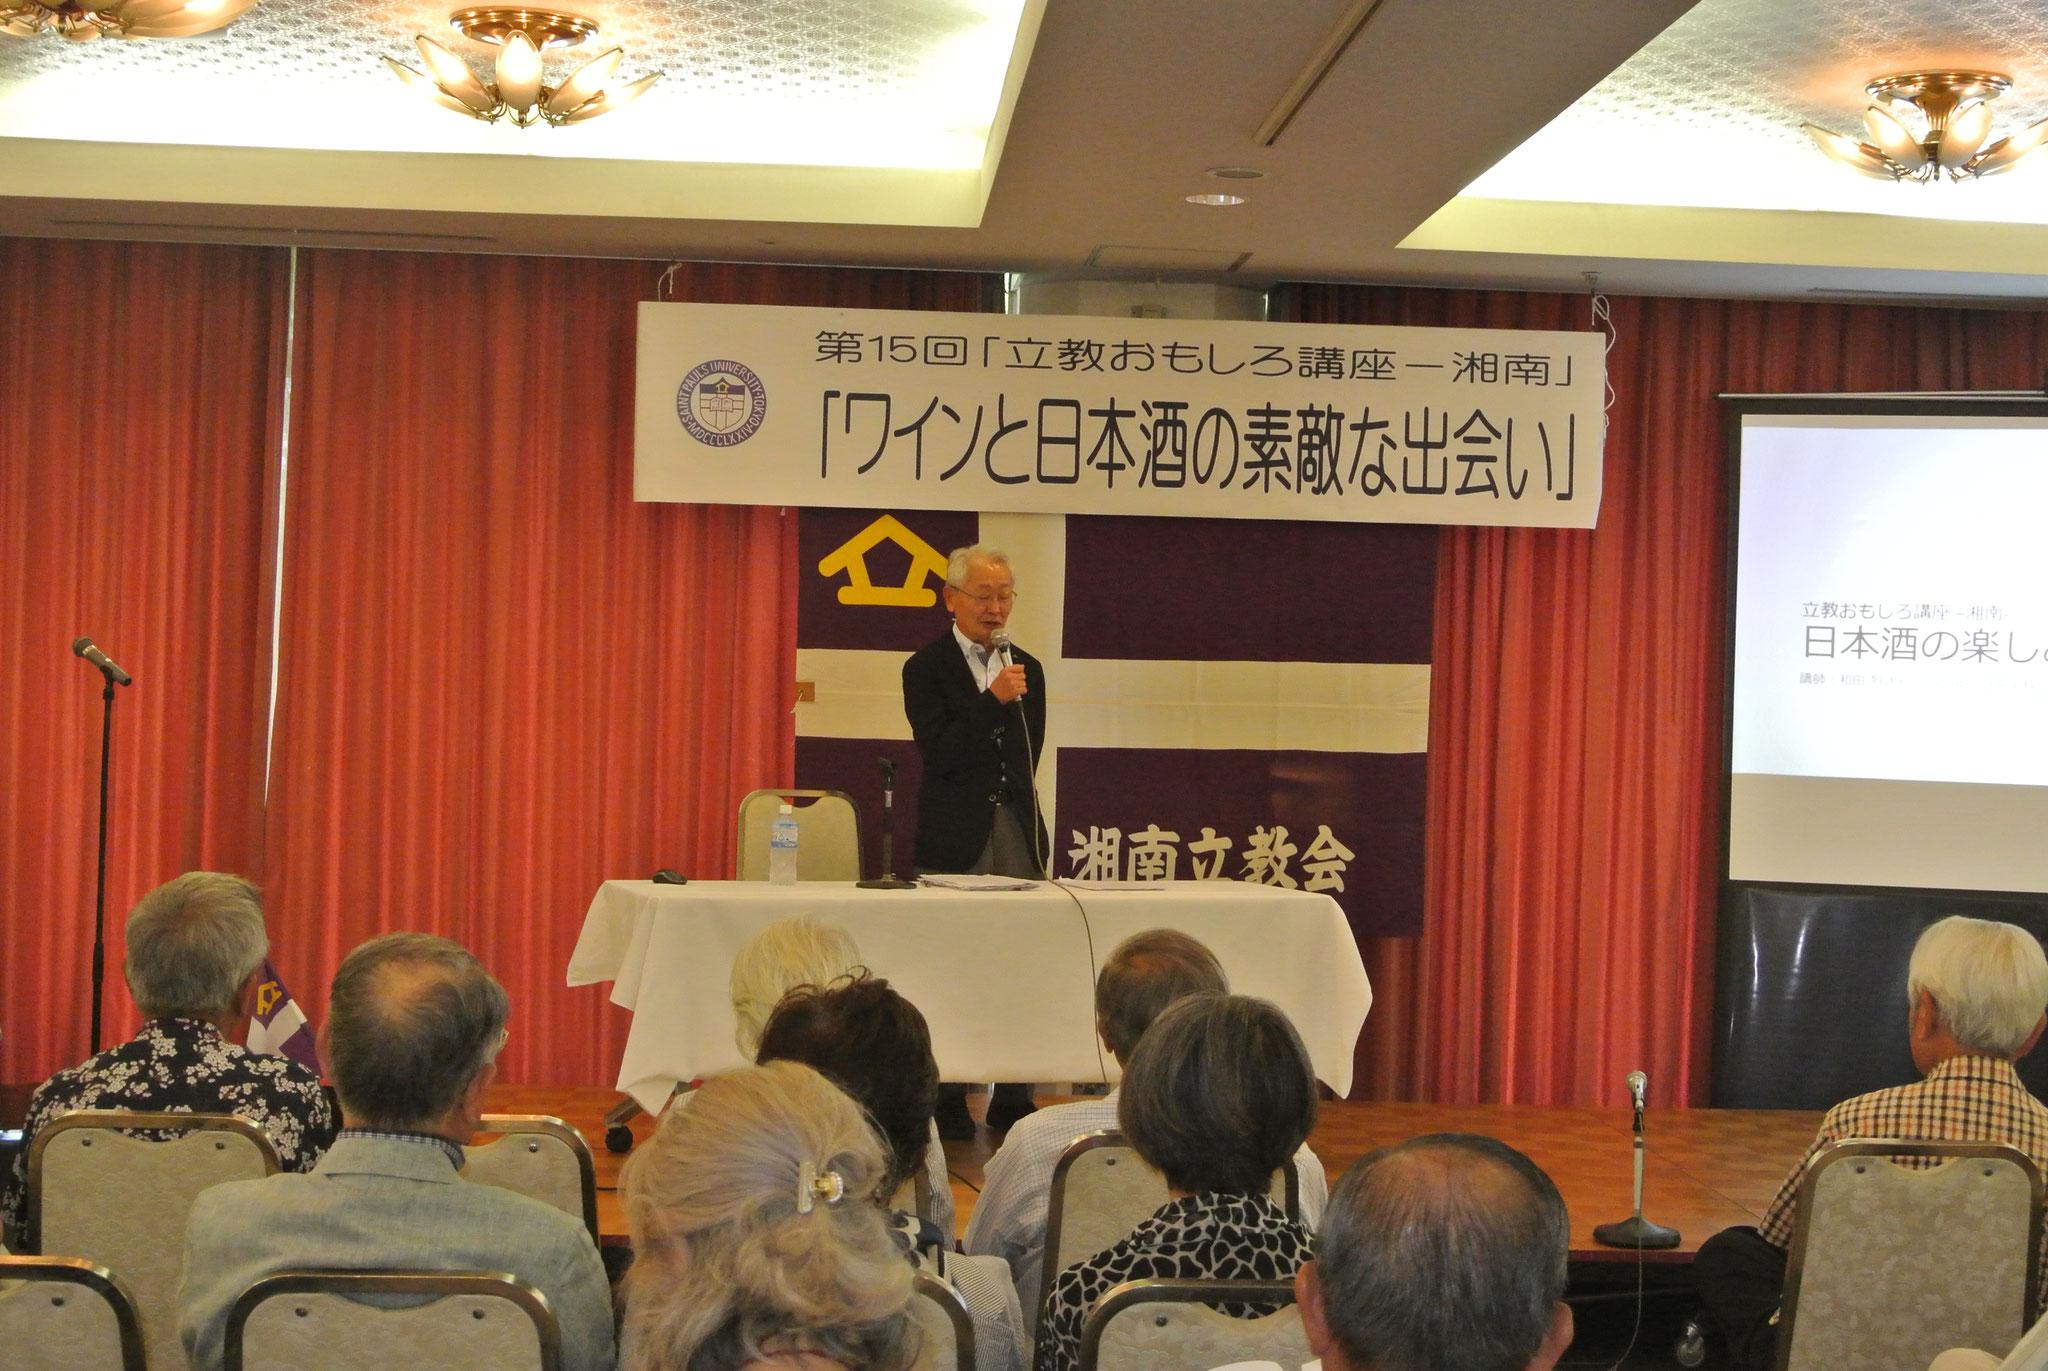 和田講師は国内22名の名誉利き酒師